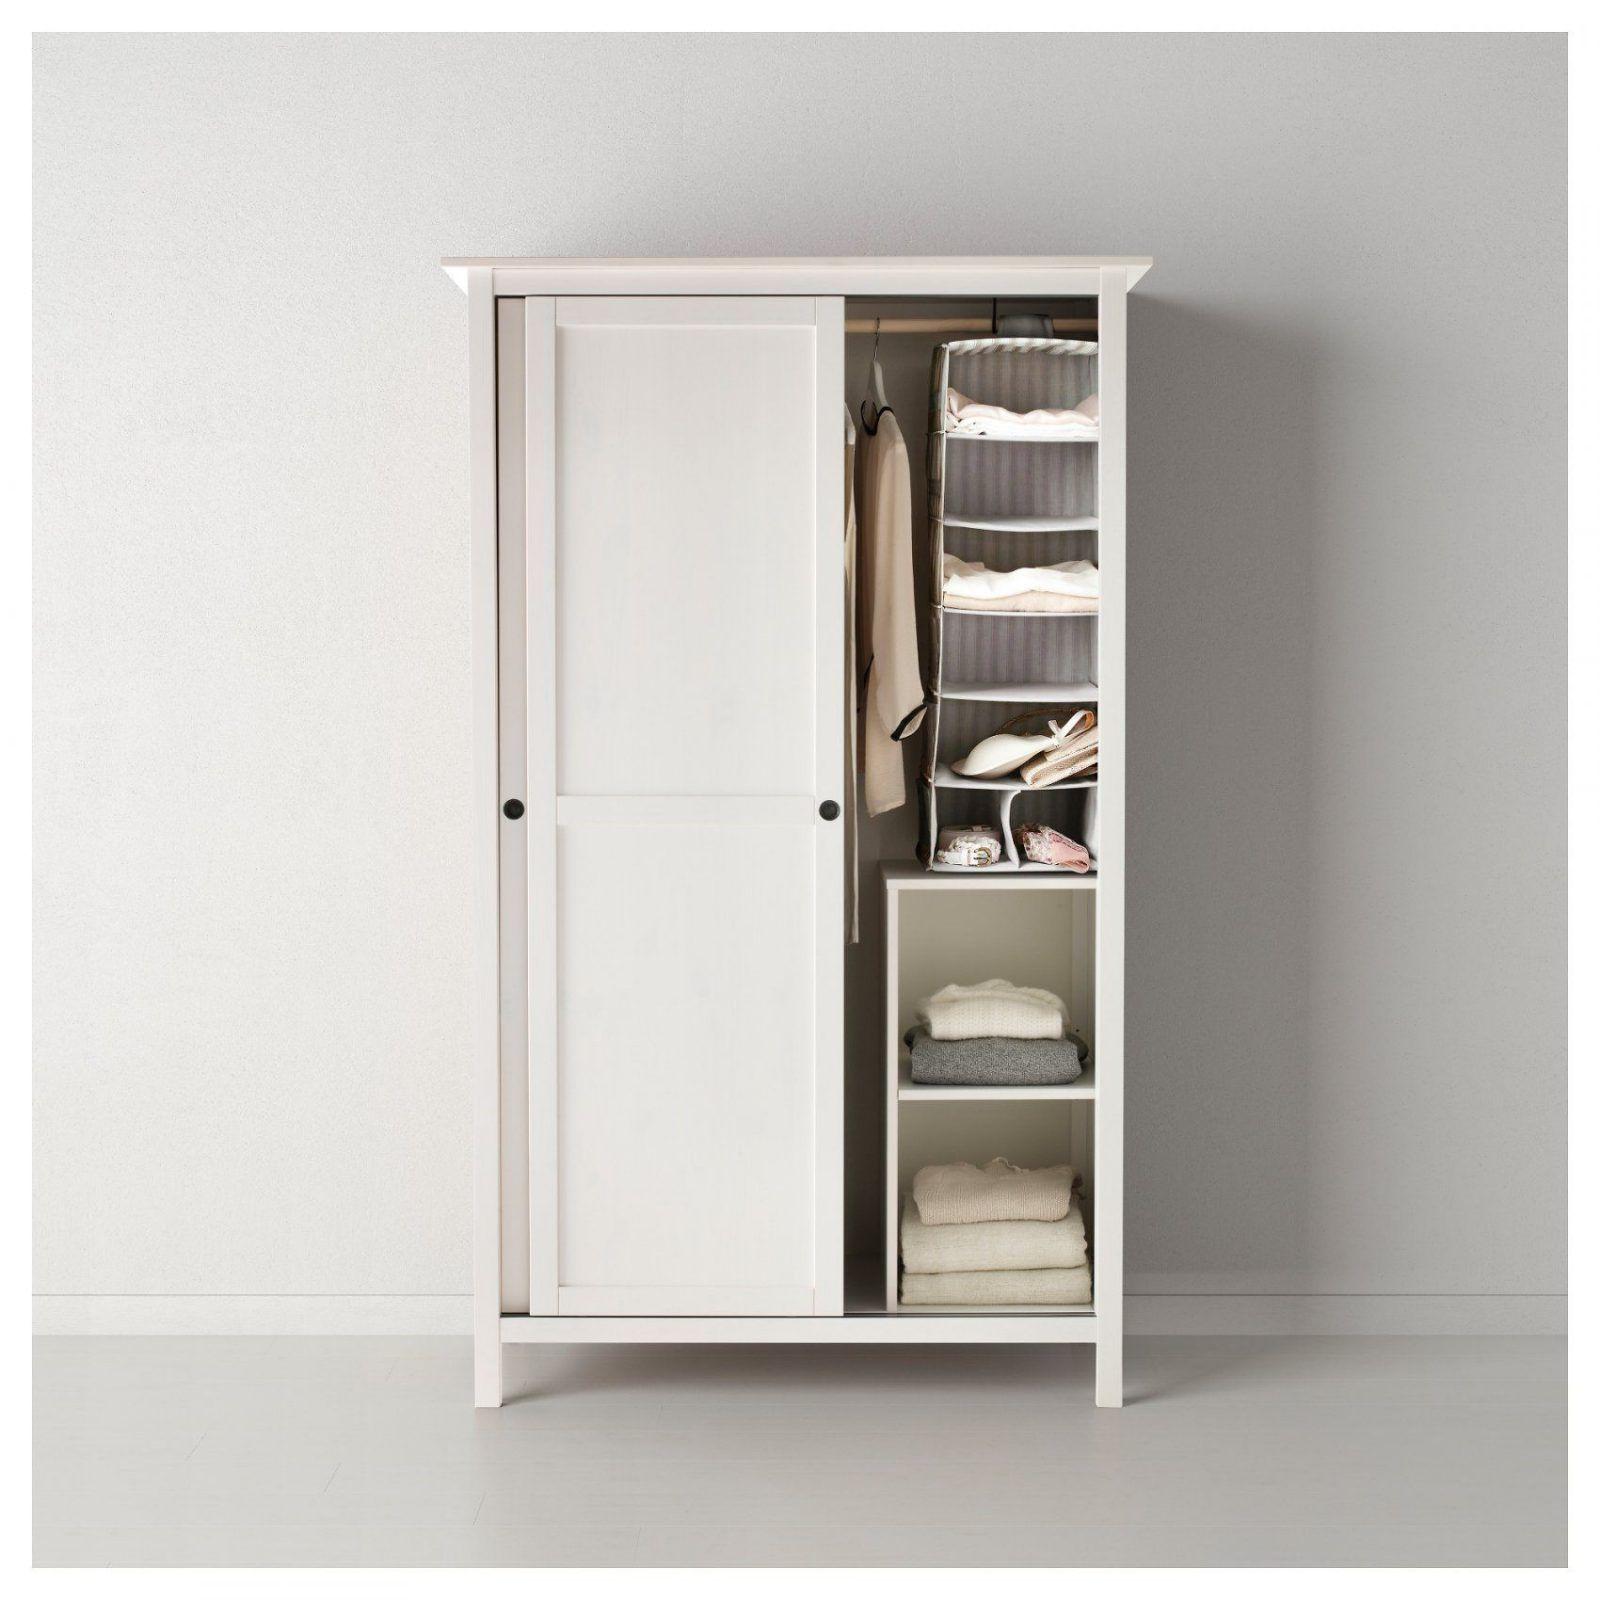 Ikea Küchenschrank Mit Schiebetüren  Haus Design Ideen